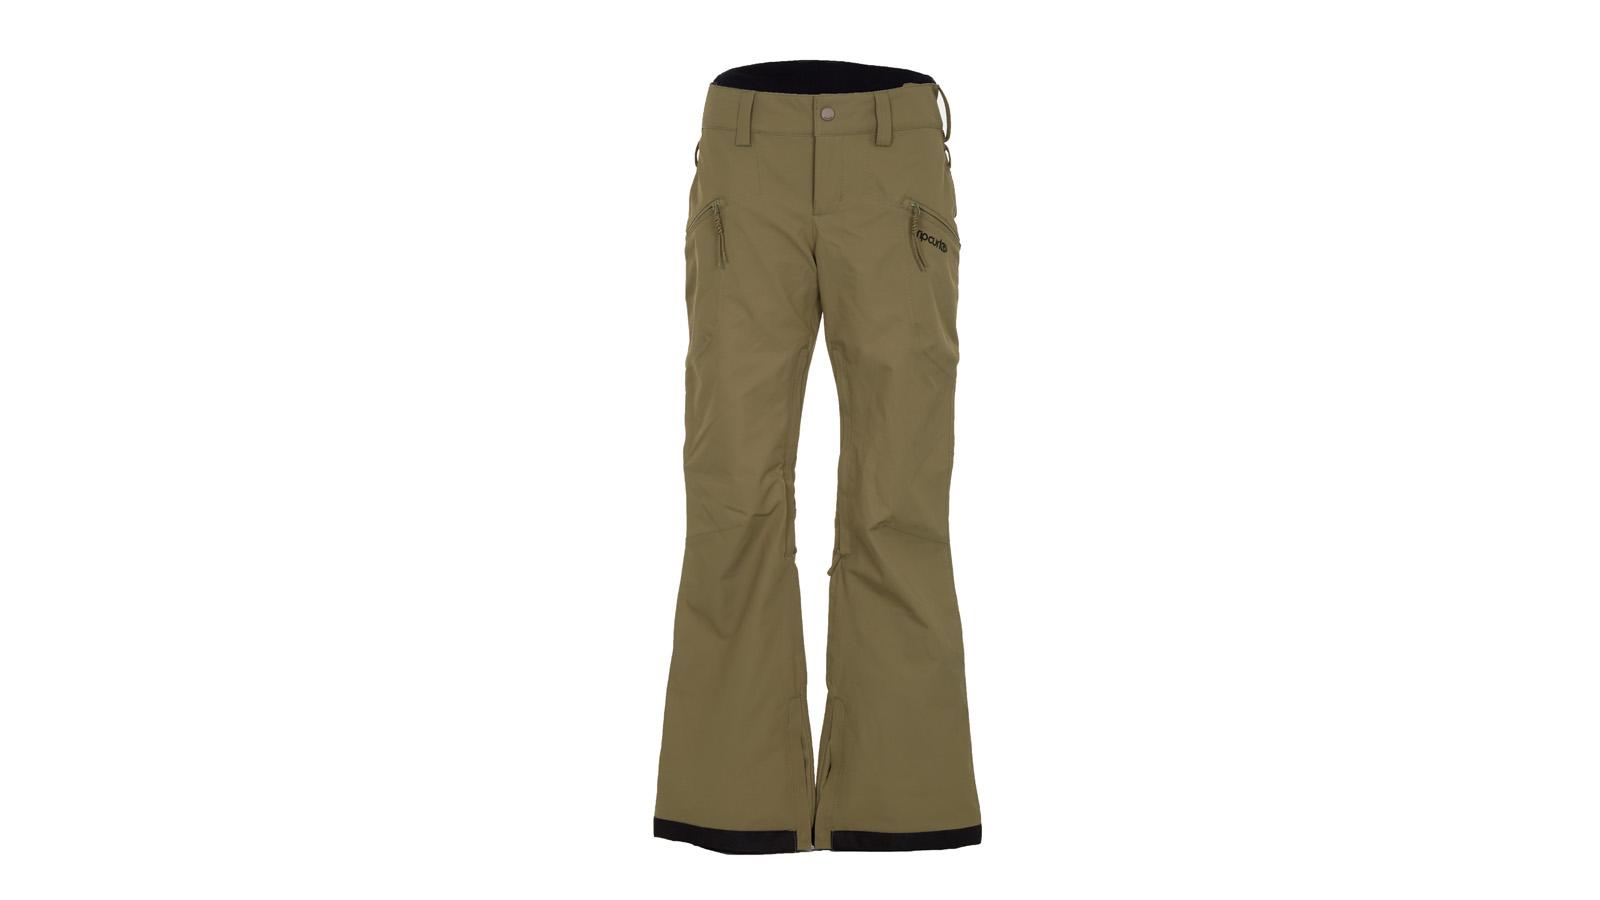 Pro Search Pants